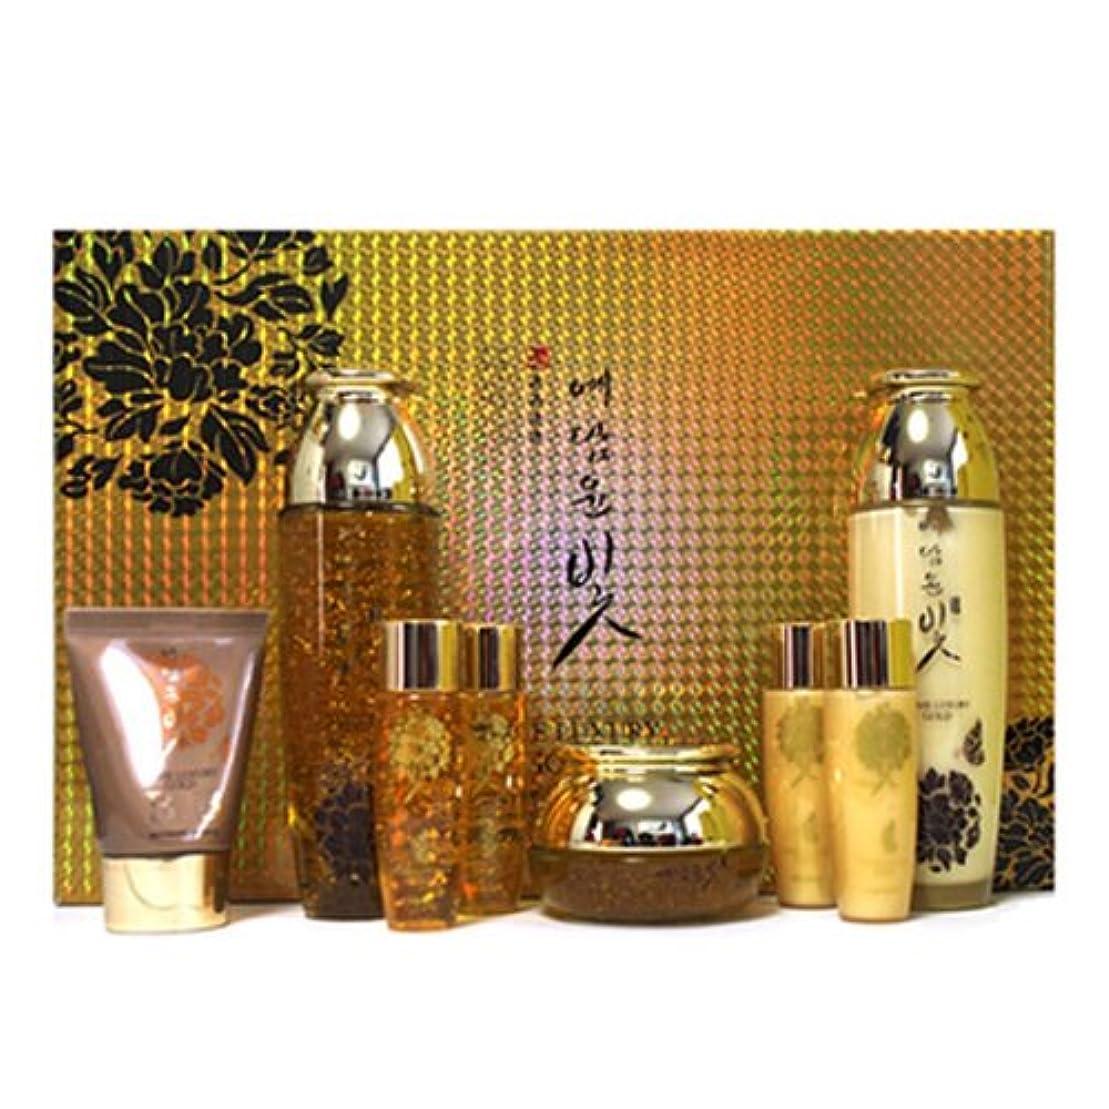 連帯流行みがきますイェダムユンビト[韓国コスメYedam Yun Bit]Prime Luxury Gold Skin Care Set プライムラグジュアリーゴールドスキンケア4セット 樹液 乳液 クリーム/ BBクリーム [並行輸入品]